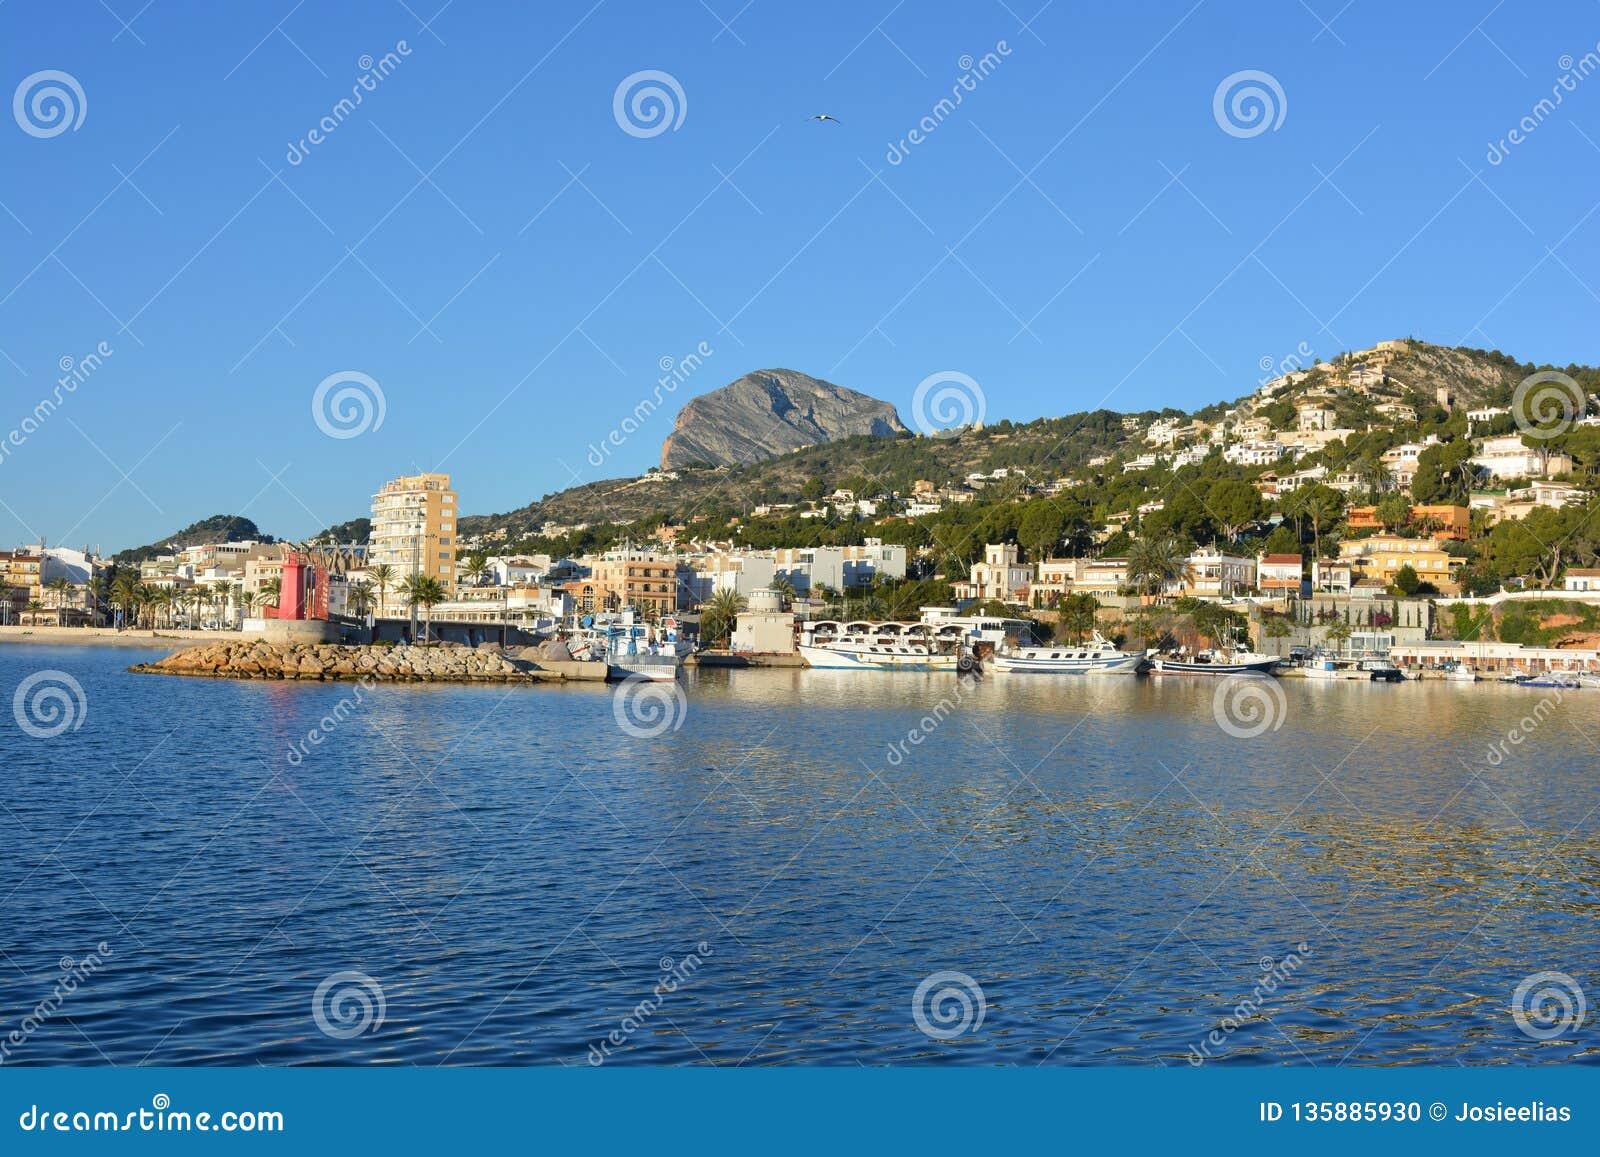 口岸的看法在科斯塔布朗卡的Javea,西班牙